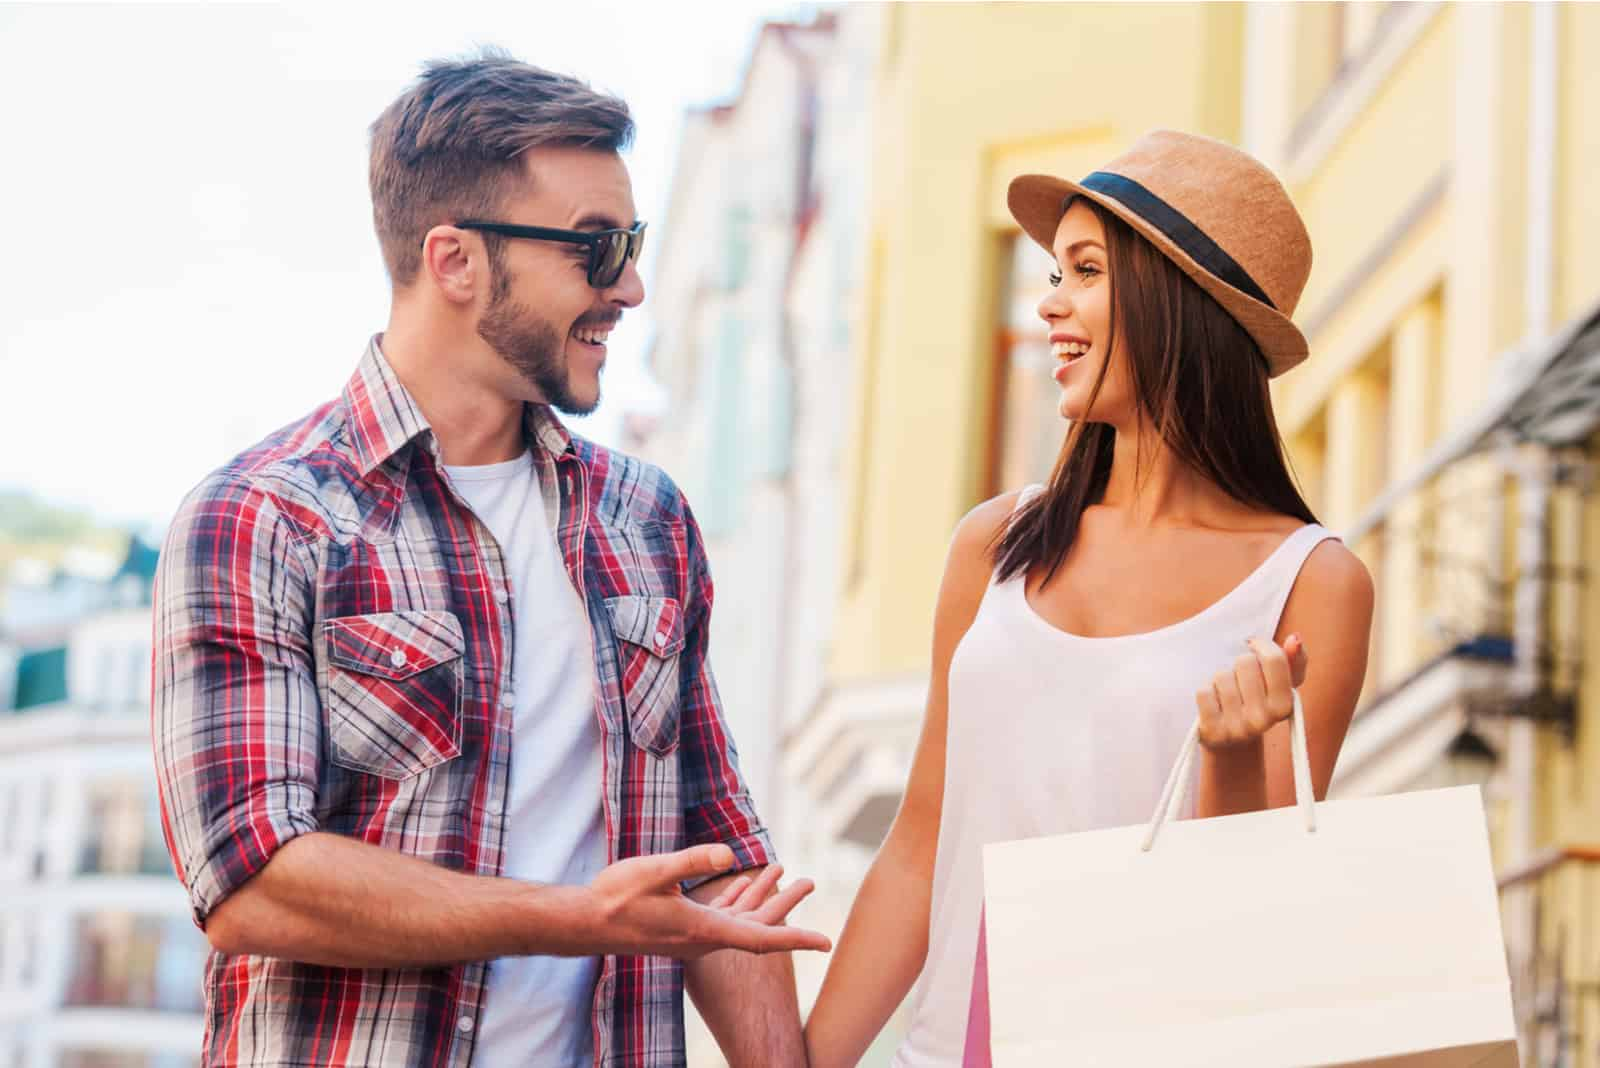 un homme et une femme se tiennent dans la rue et rient